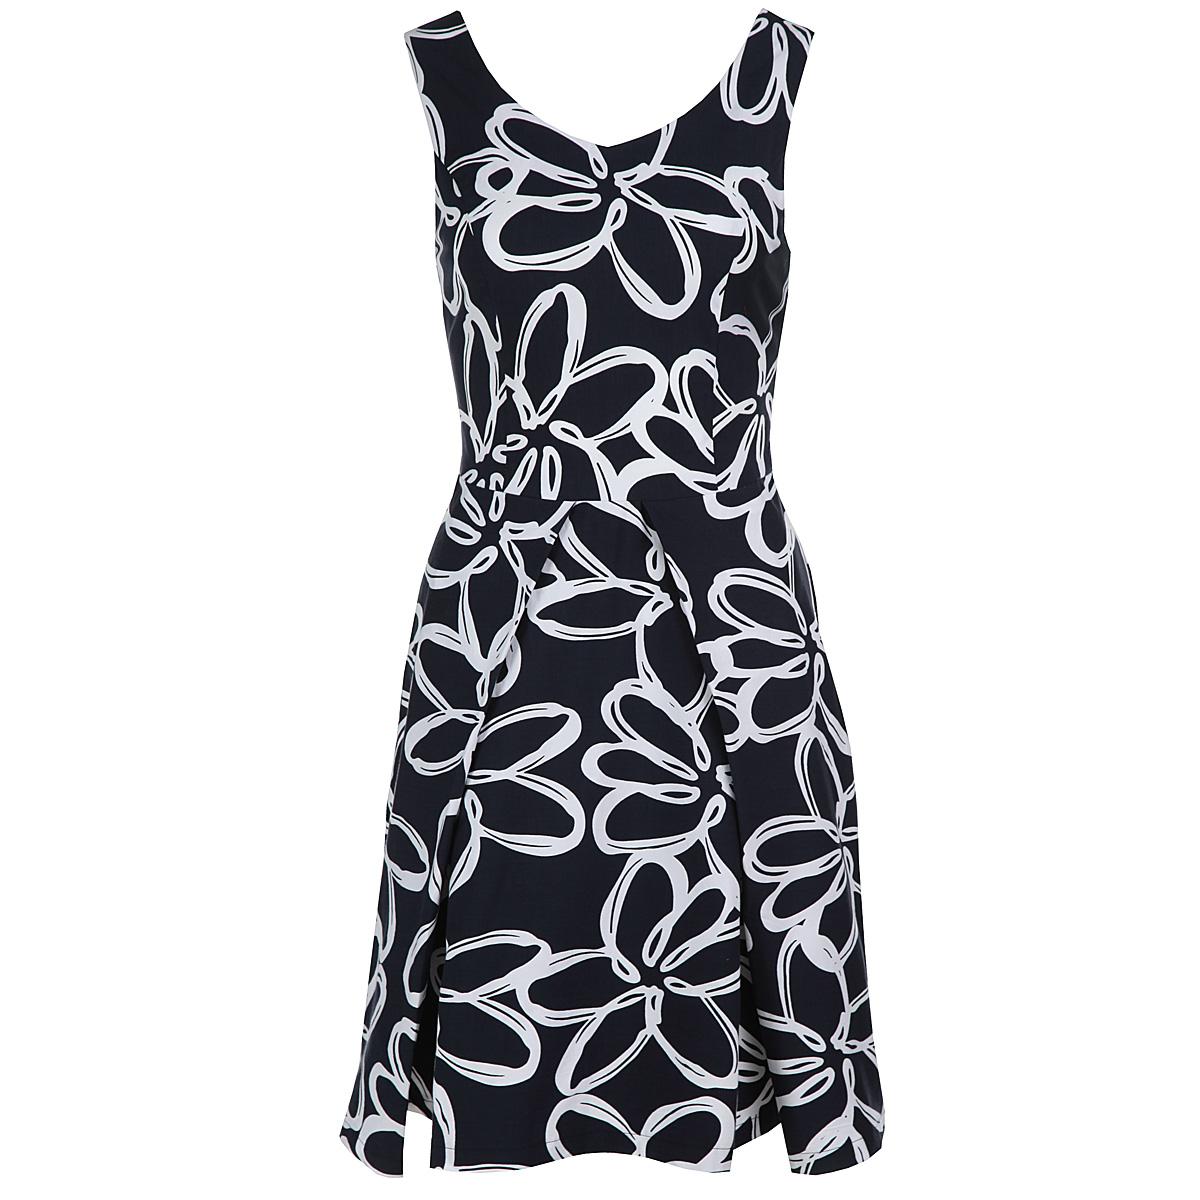 Платье Yarmina, цвет: темно-синий, белый. 6321466. Размер 486321466Модное летнее платье Yarmina, изготовленное из высококачественного материала, подарит вам ощущение праздника и комфорта. Модель приталенного силуэта, с V-образным вырезом горловины и на широких бретелях. Изделие застегивается на потайную застежку-молнию, расположенную в боковом шве. Модель имеет расклешенную юбку, оформленную объемными складками. В этом платье вы всегда будете чувствовать себя уверенно, оставаясь в центре внимания.